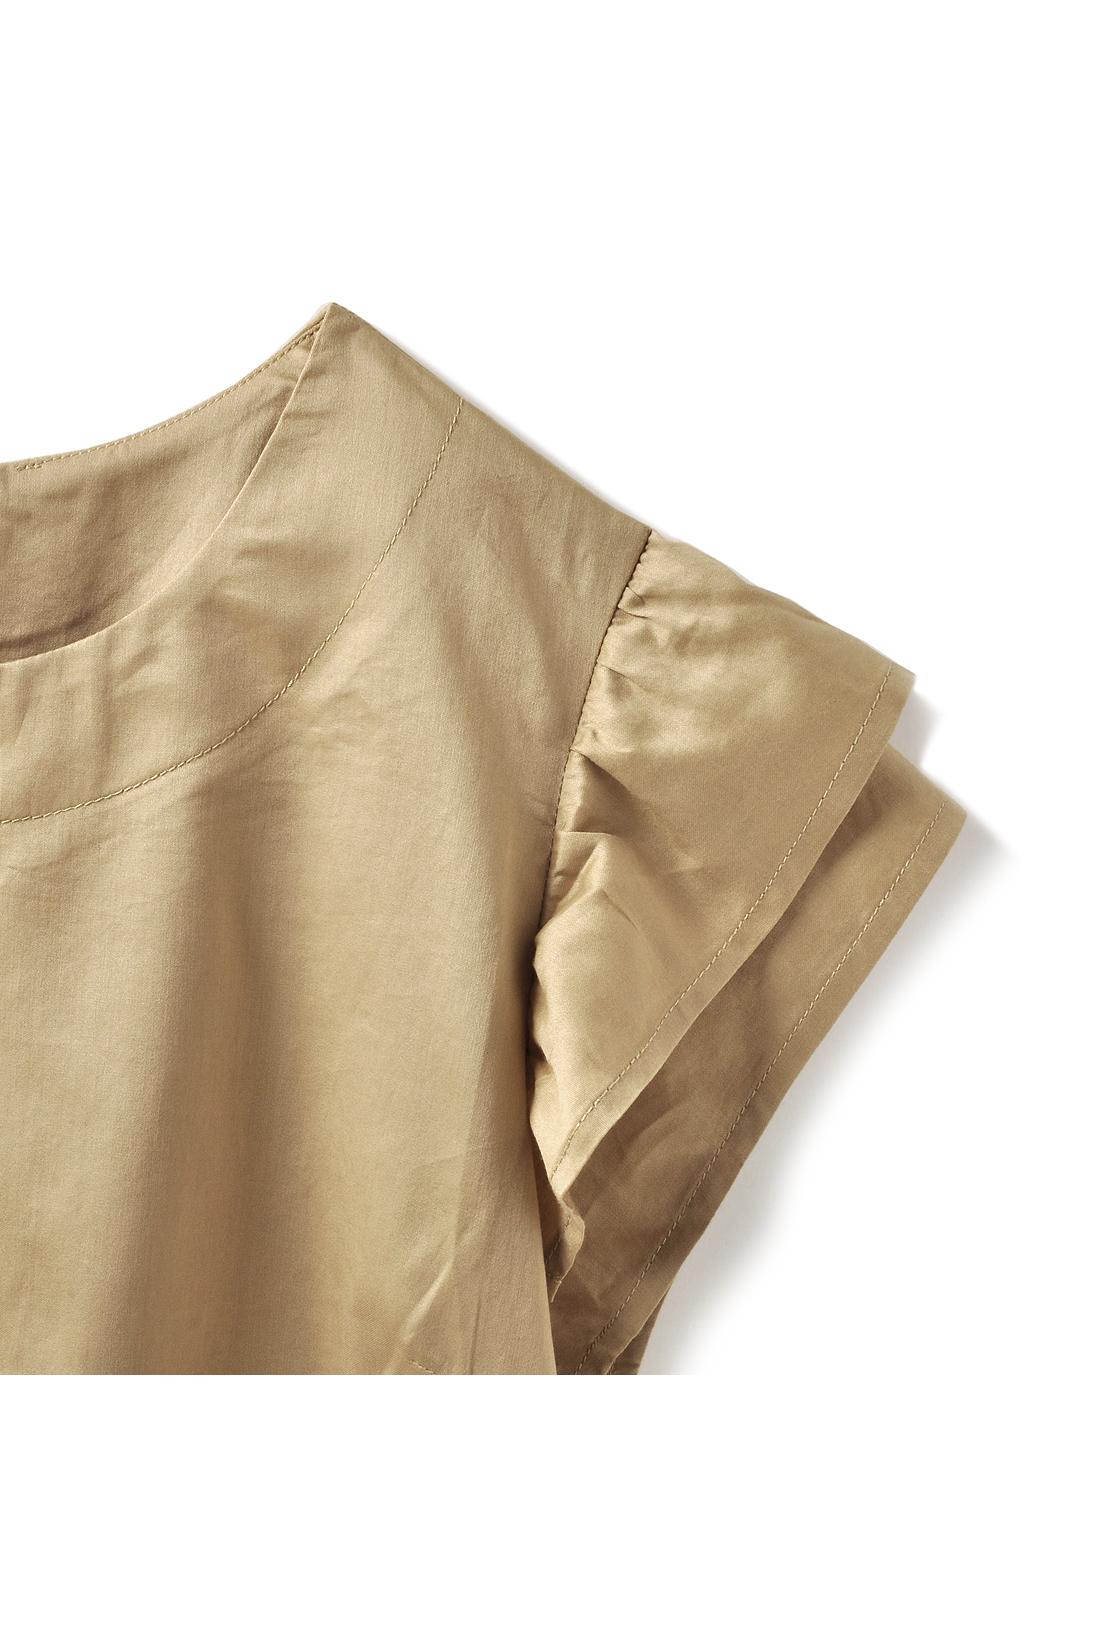 華やぎ&二の腕を細く見せるボリューム袖がポイント。